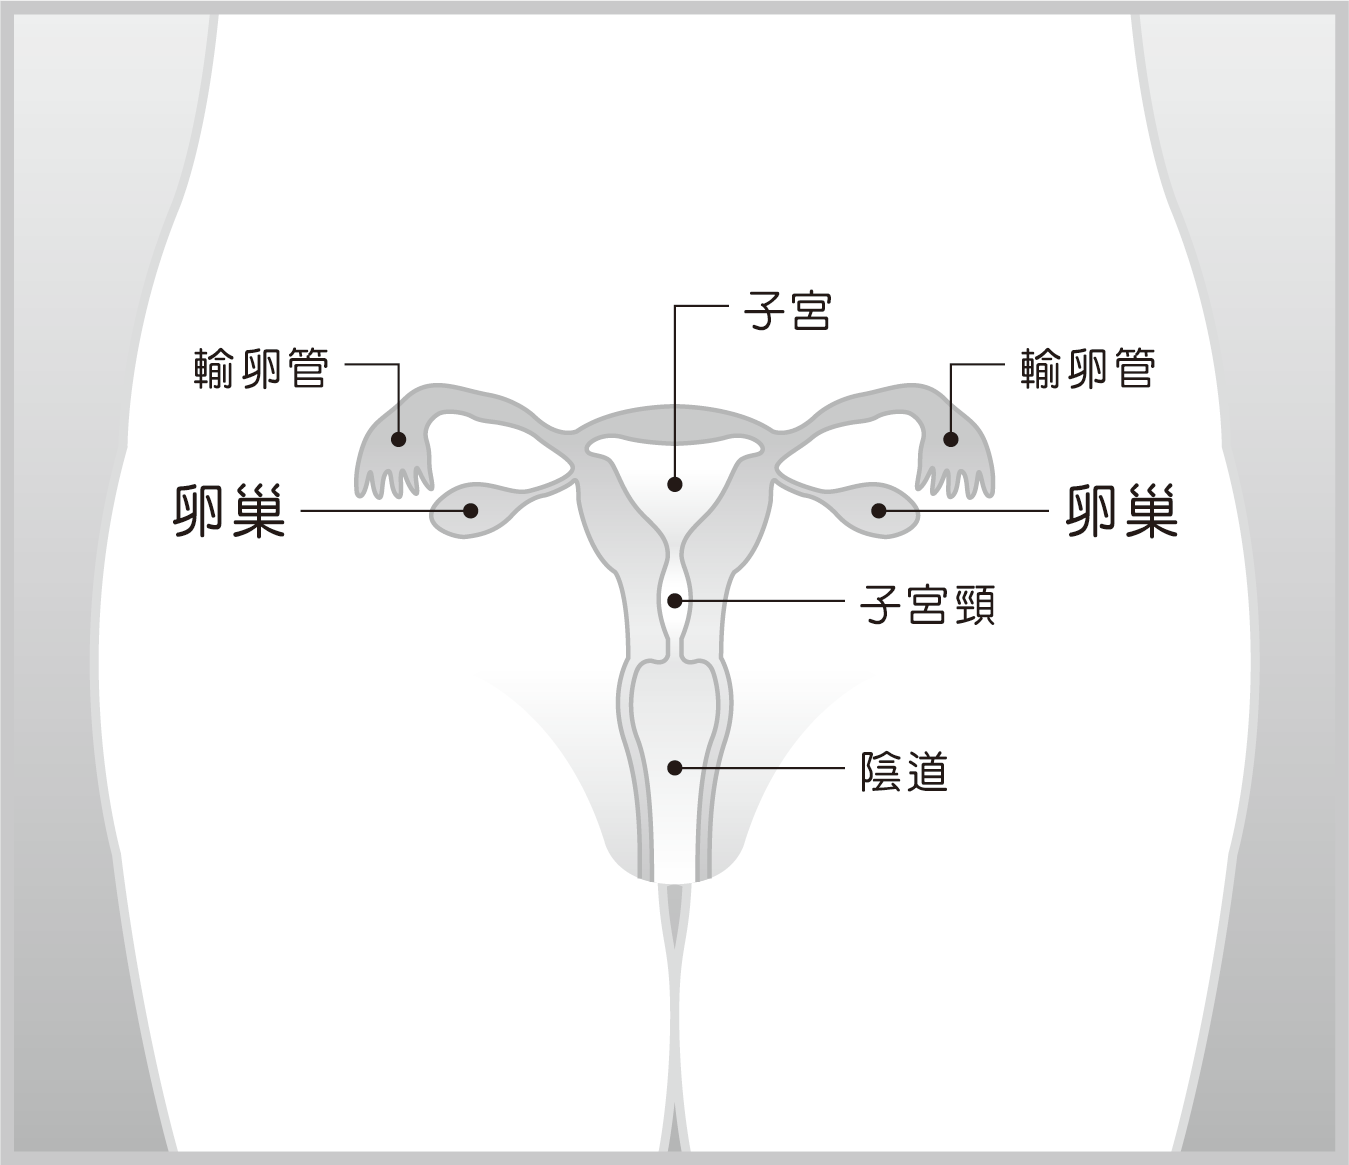 卵巢結構示意圖